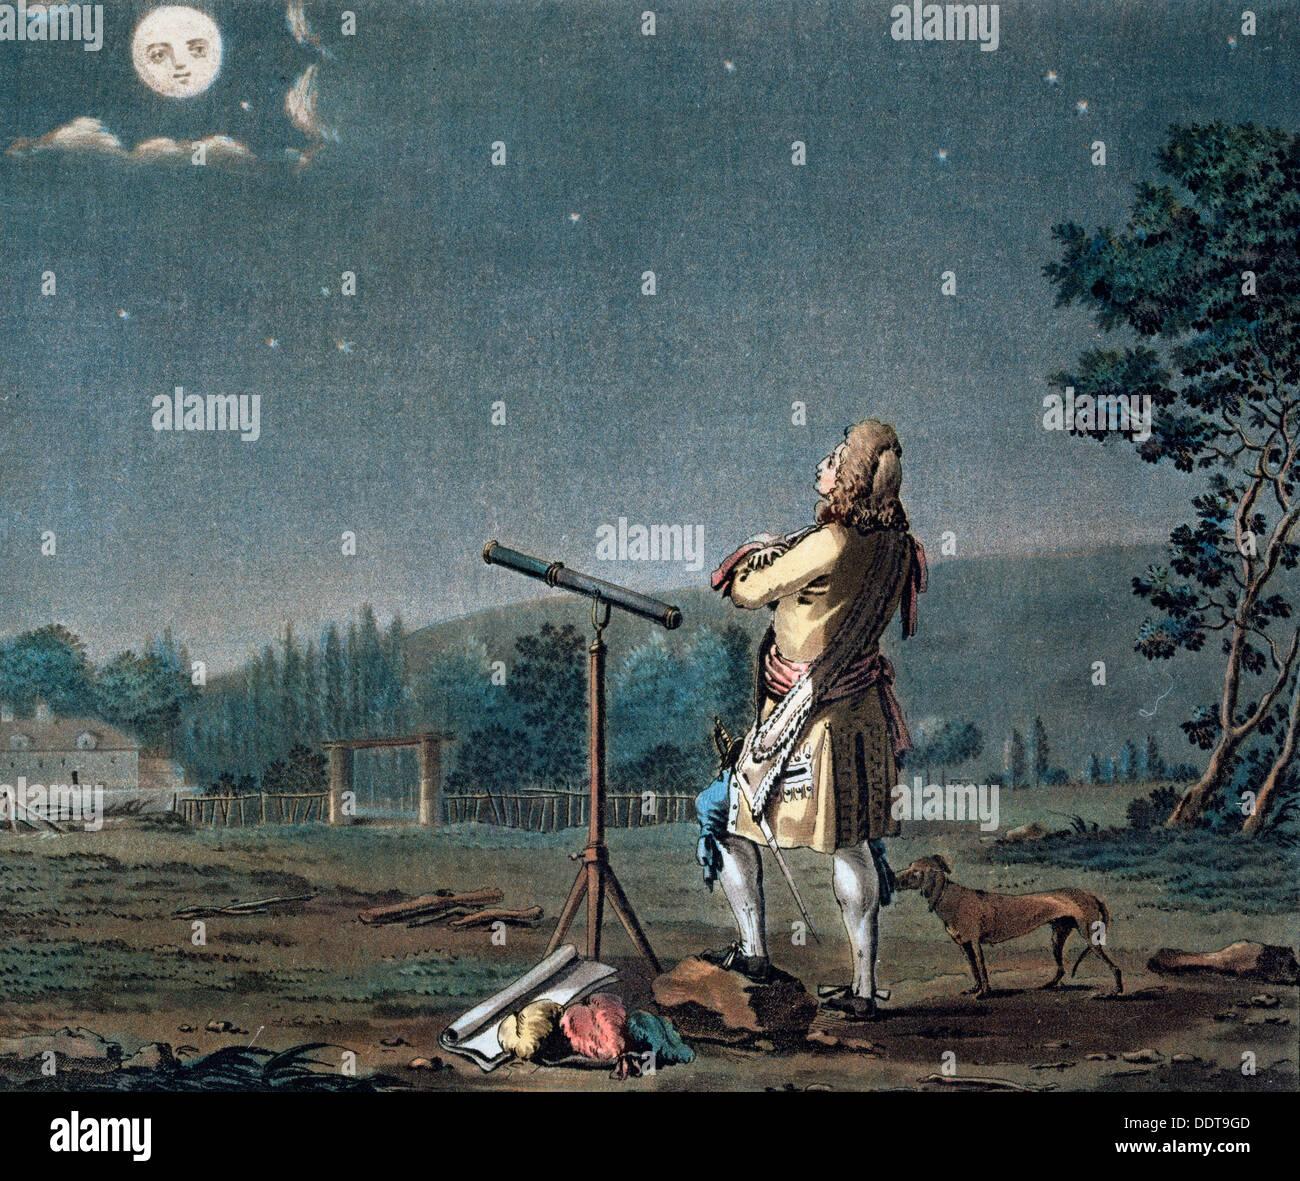 Bernard le Bovier de Fontenelle en contemplant la pluralité des mondes, 1791. Artiste: Jean Baptiste Morret Photo Stock